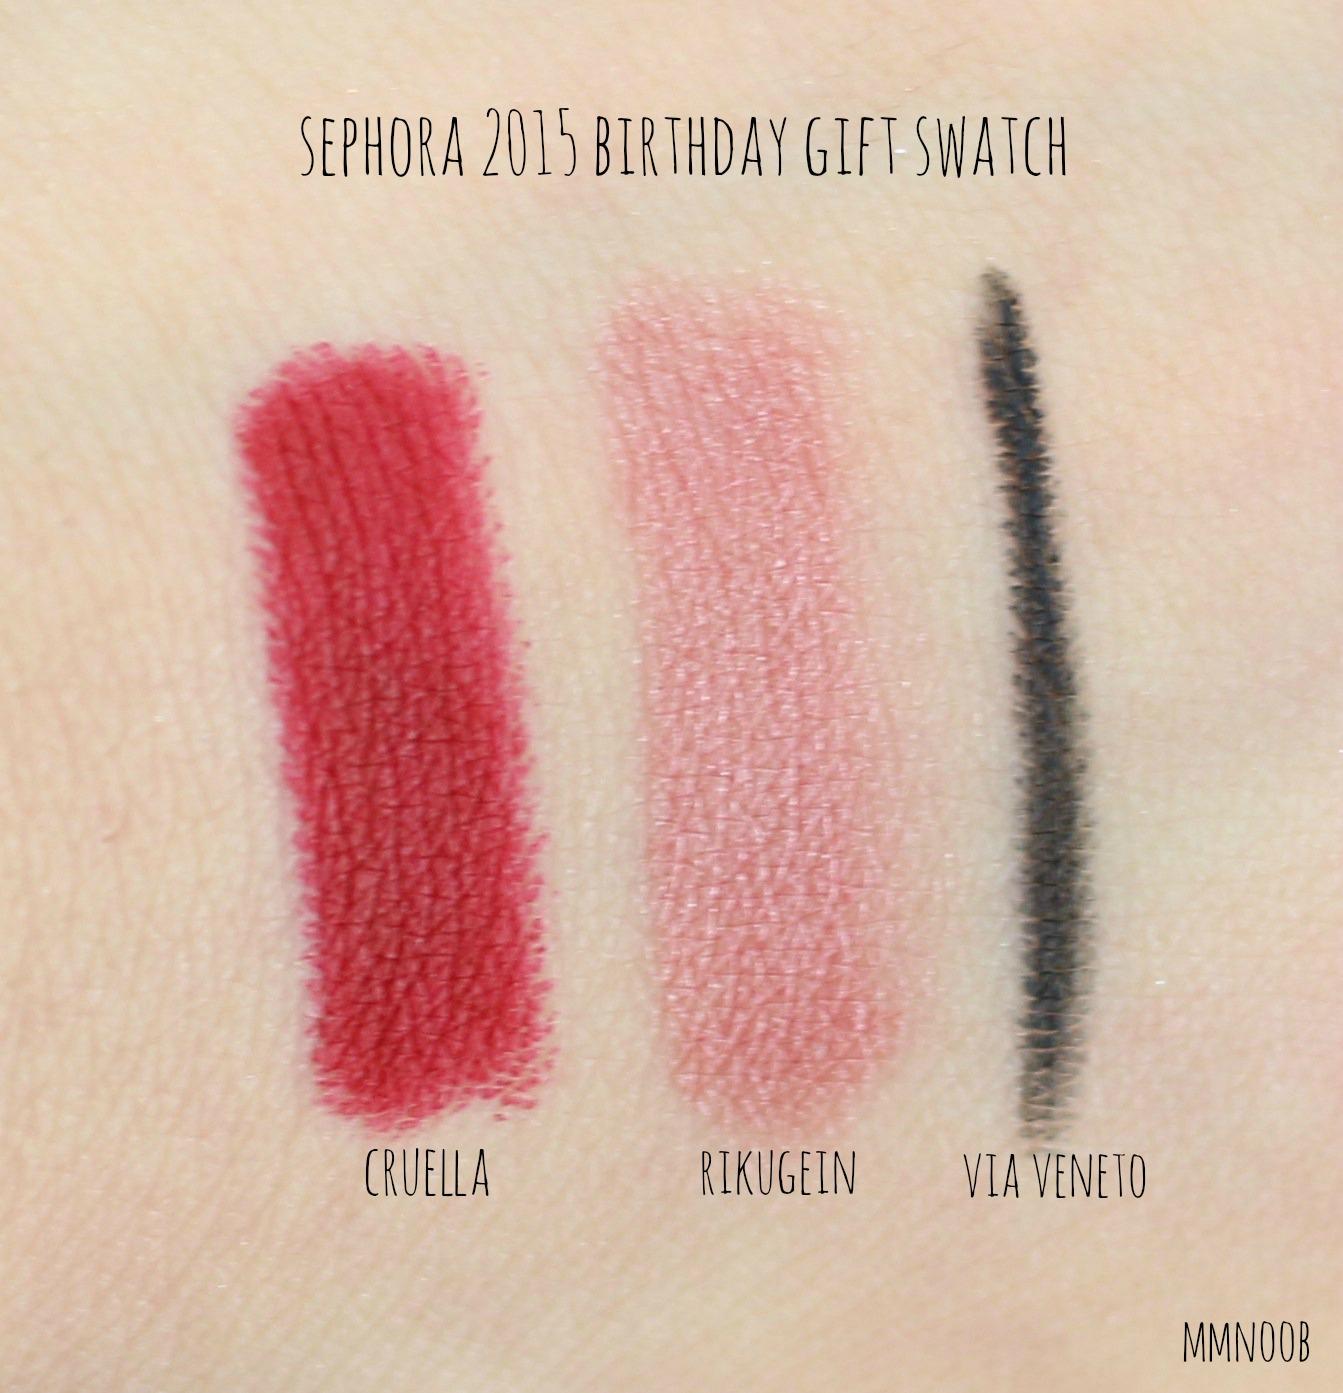 MMnoob: Sephora Birthday Gift 2015